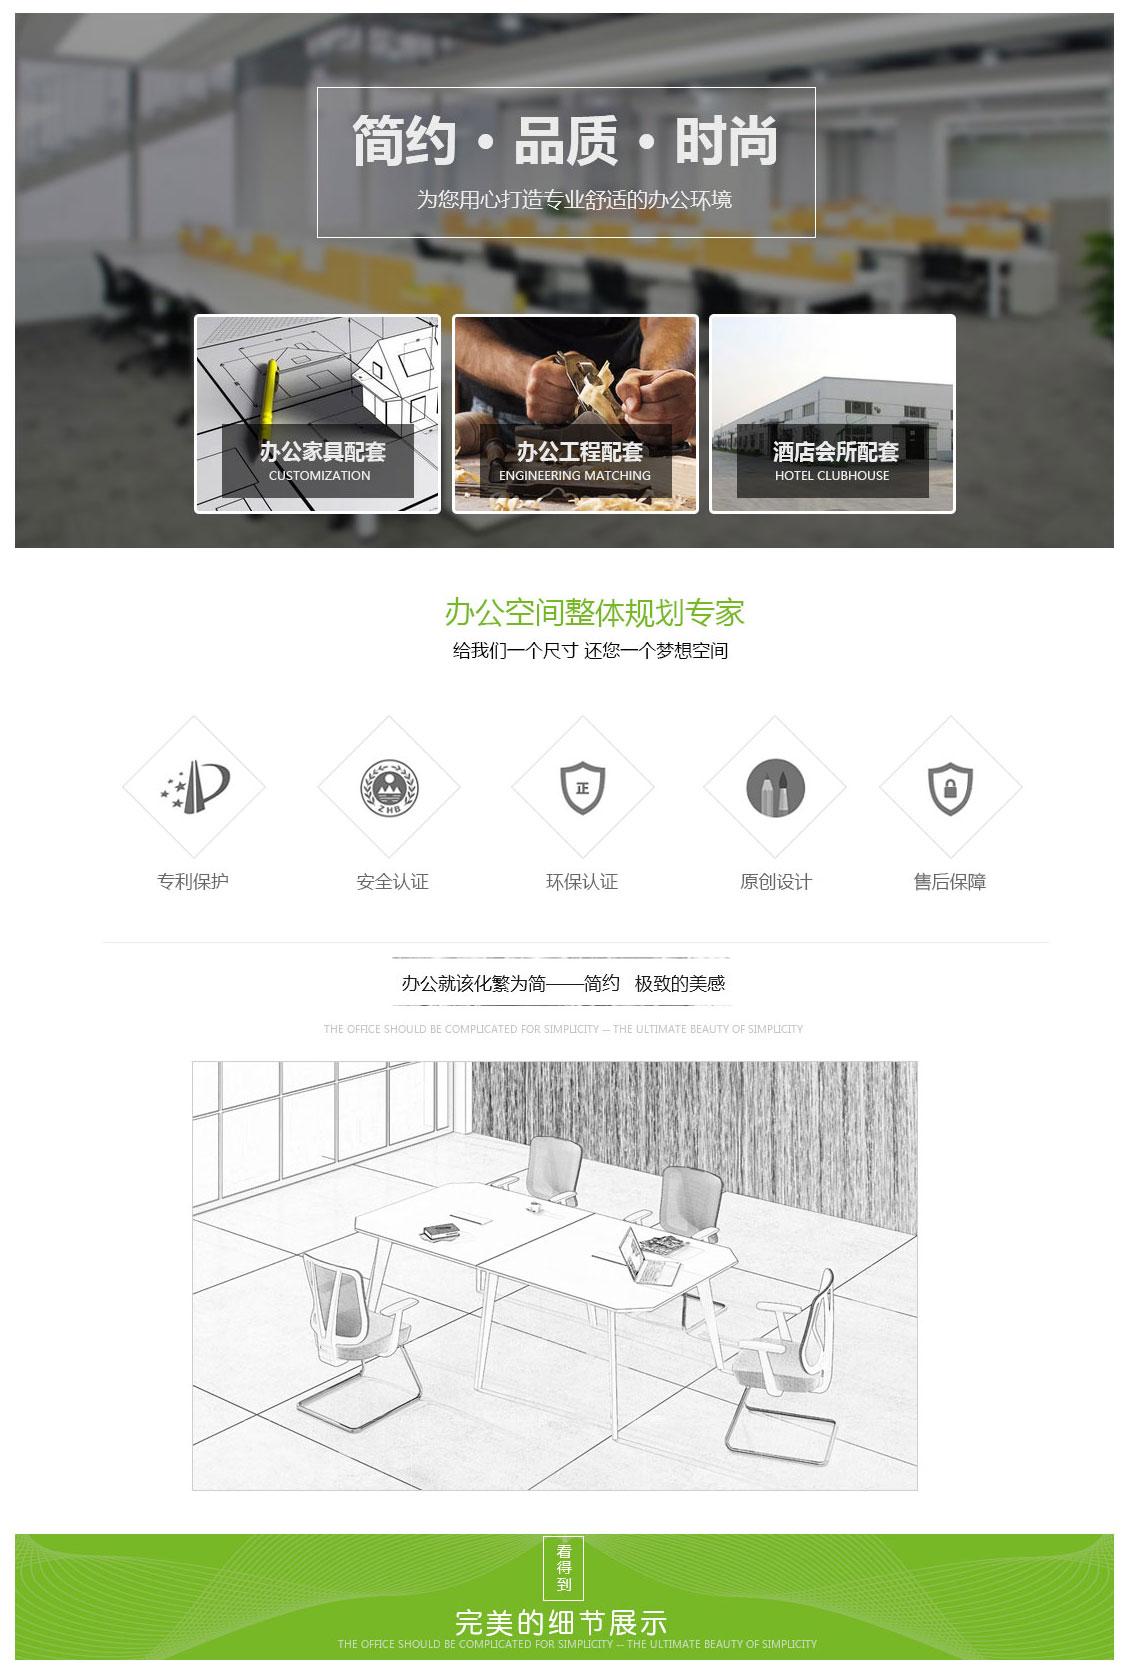 沃克Manbetx手机版-万博app下载空间整体规划专家